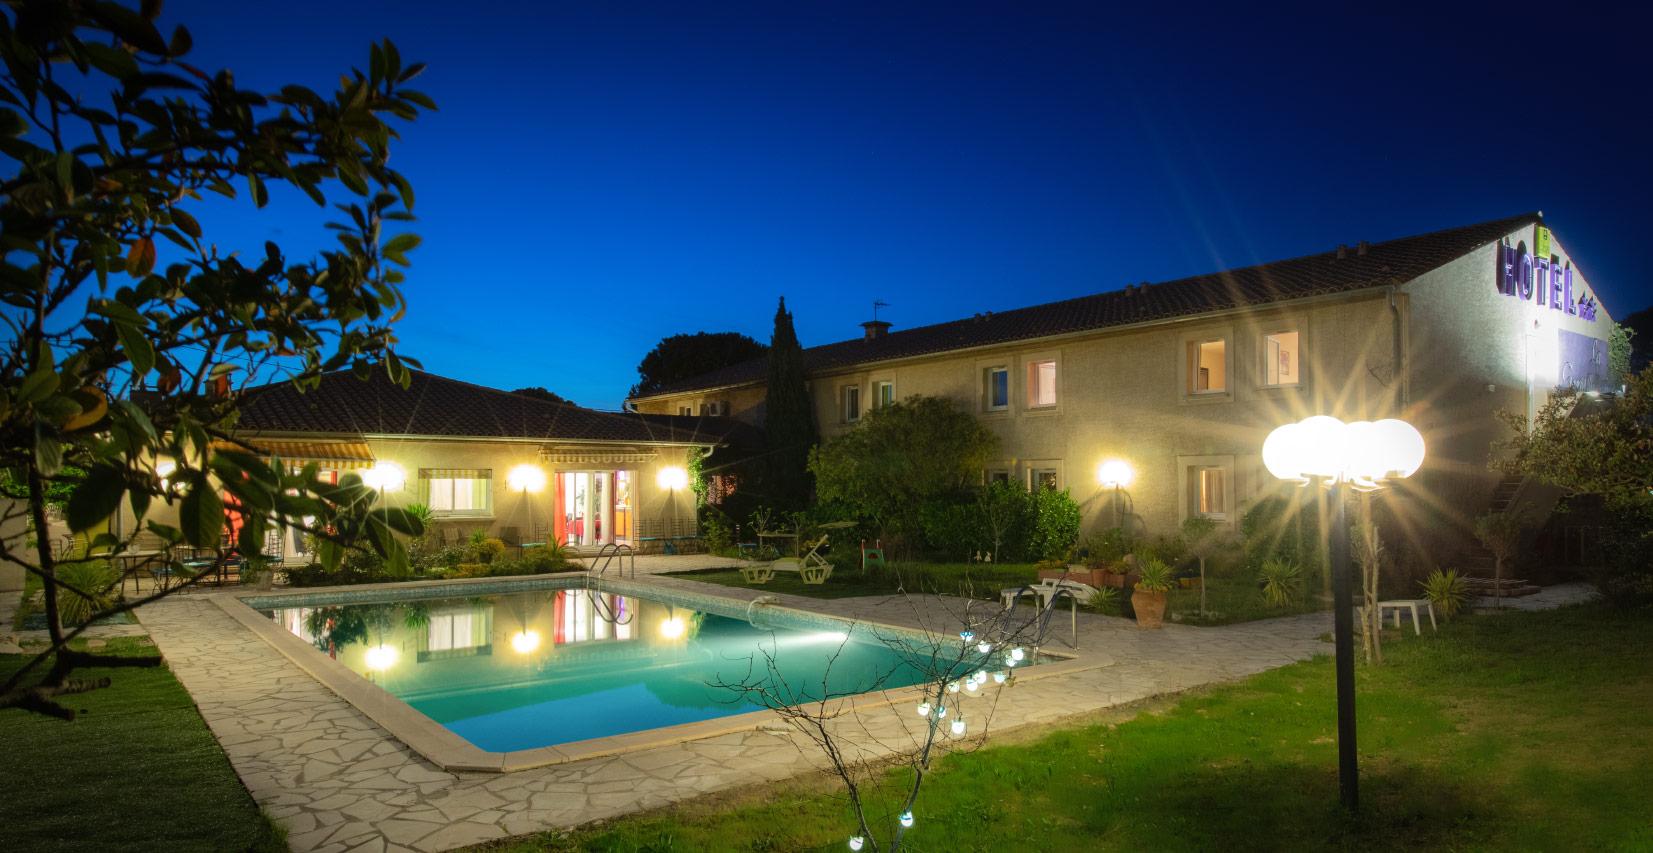 Photo de nuit du jardin de l'hôtel restaurant la Gentilhommiere à Carcassonne